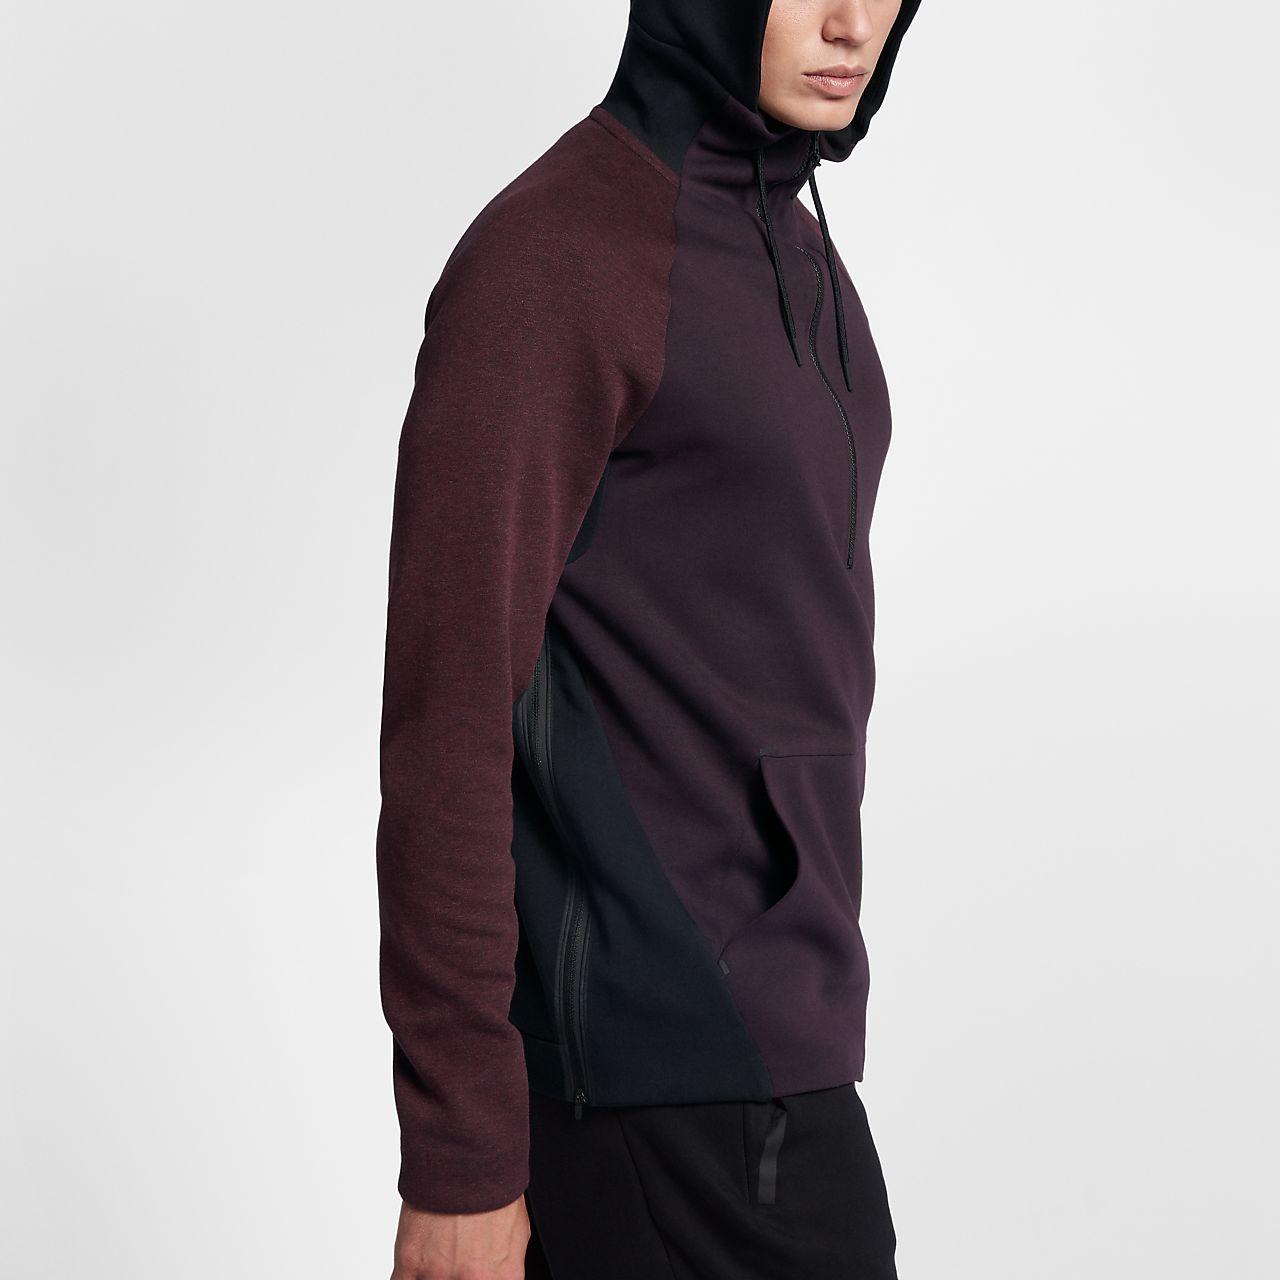 9a0993978 Nike Sportswear Tech Fleece Men's Half-Zip Hoodie. Nike.com NZ